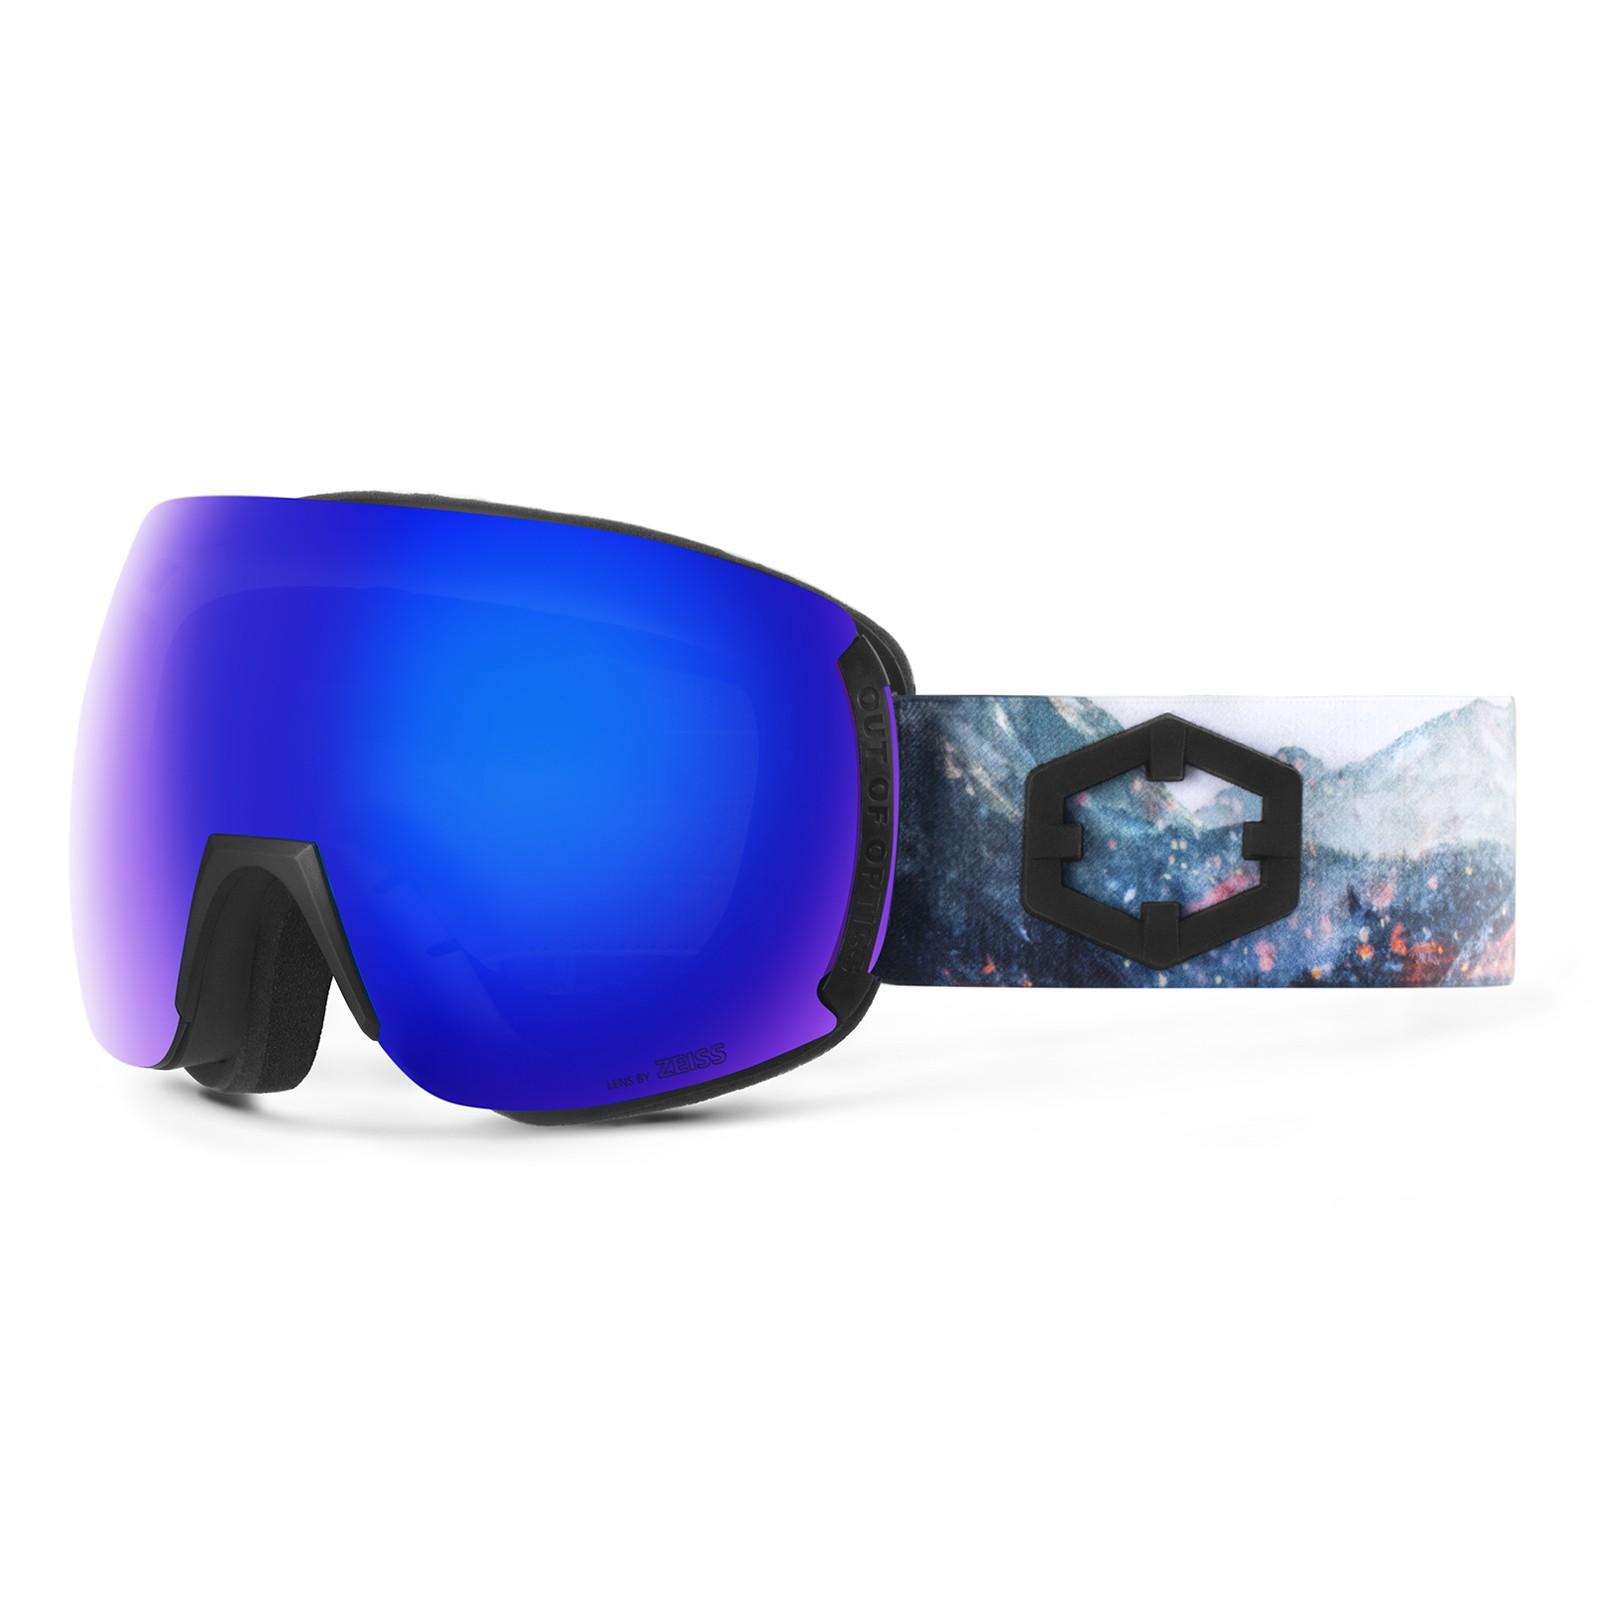 Earth Sparks Blue mci goggle